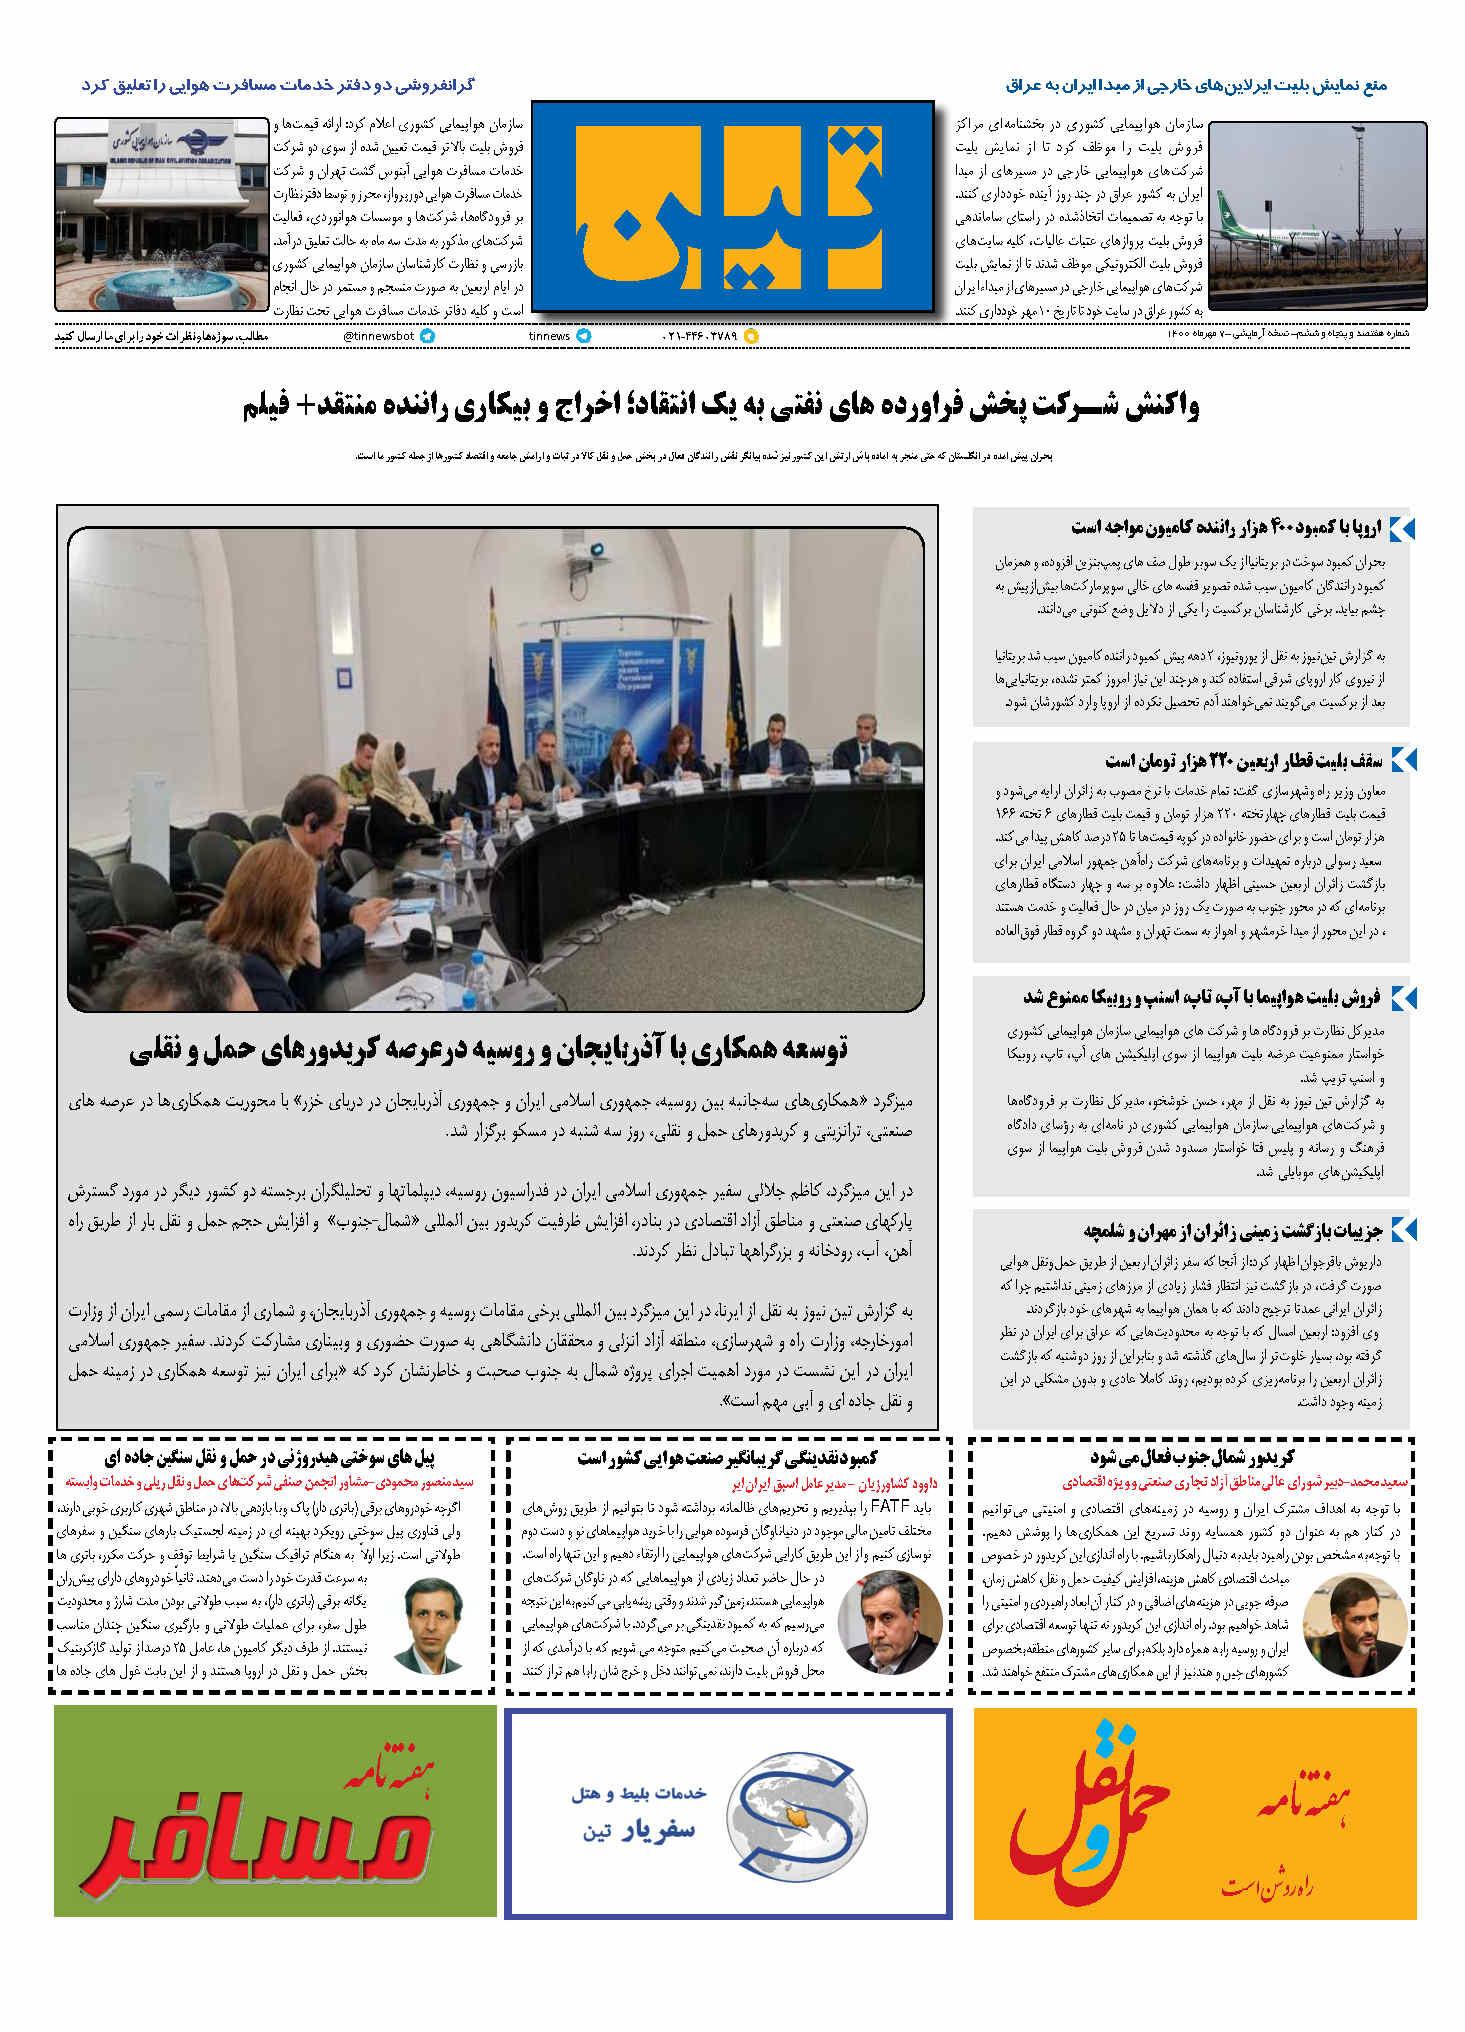 روزنامه الکترونیک 7 مهرماه 1400